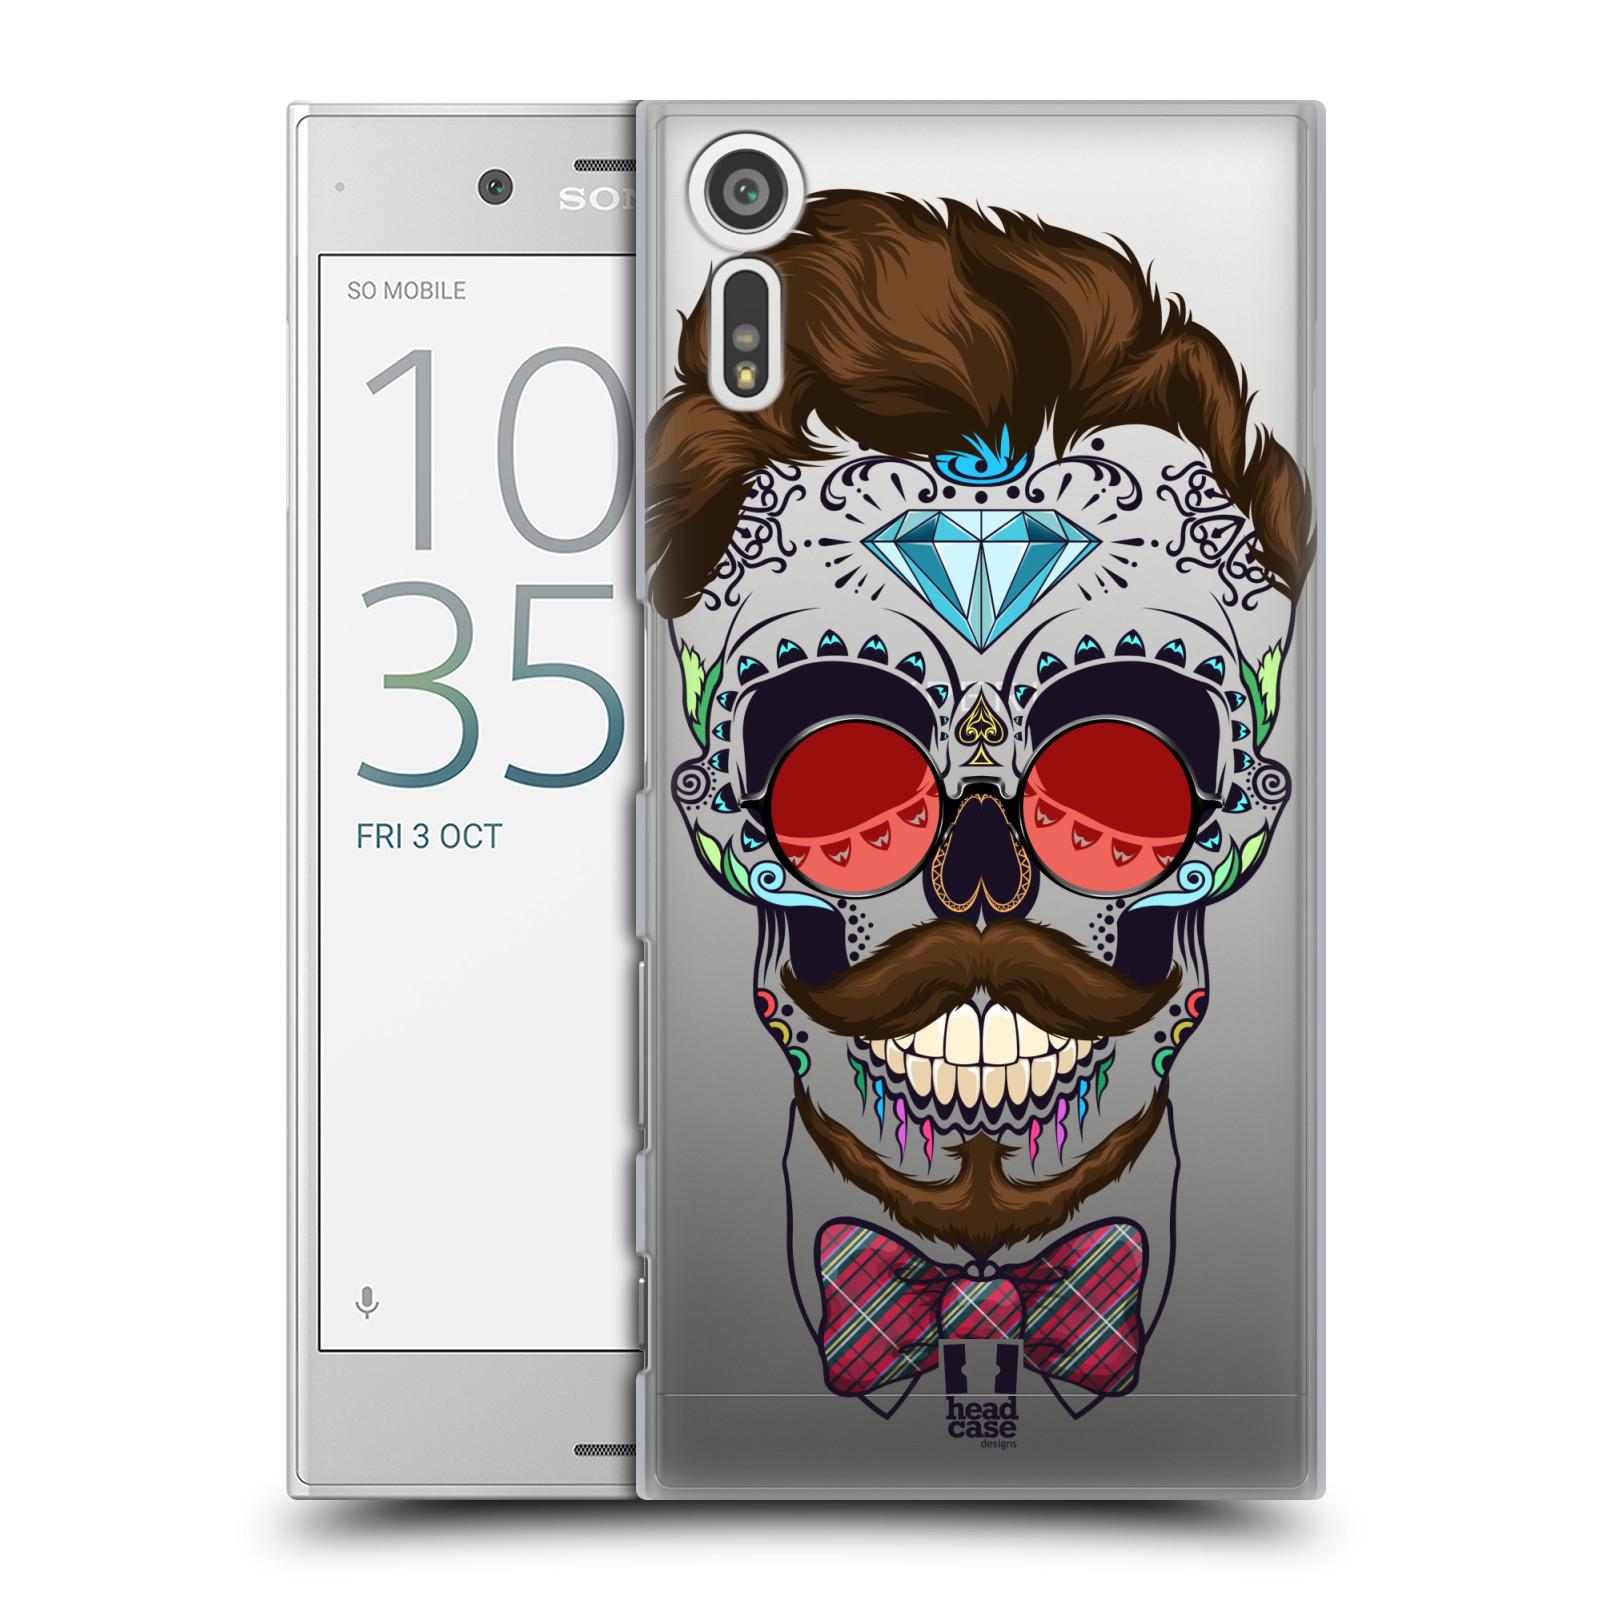 Plastové pouzdro na mobil Sony Xperia XZ - Head Case - Lebka hipstra (Plastový kryt či obal na mobilní telefon s motivem Lebka hipstra pro Sony Xperia XZ F8331 / Sony Xperia XZ Dual F8332)